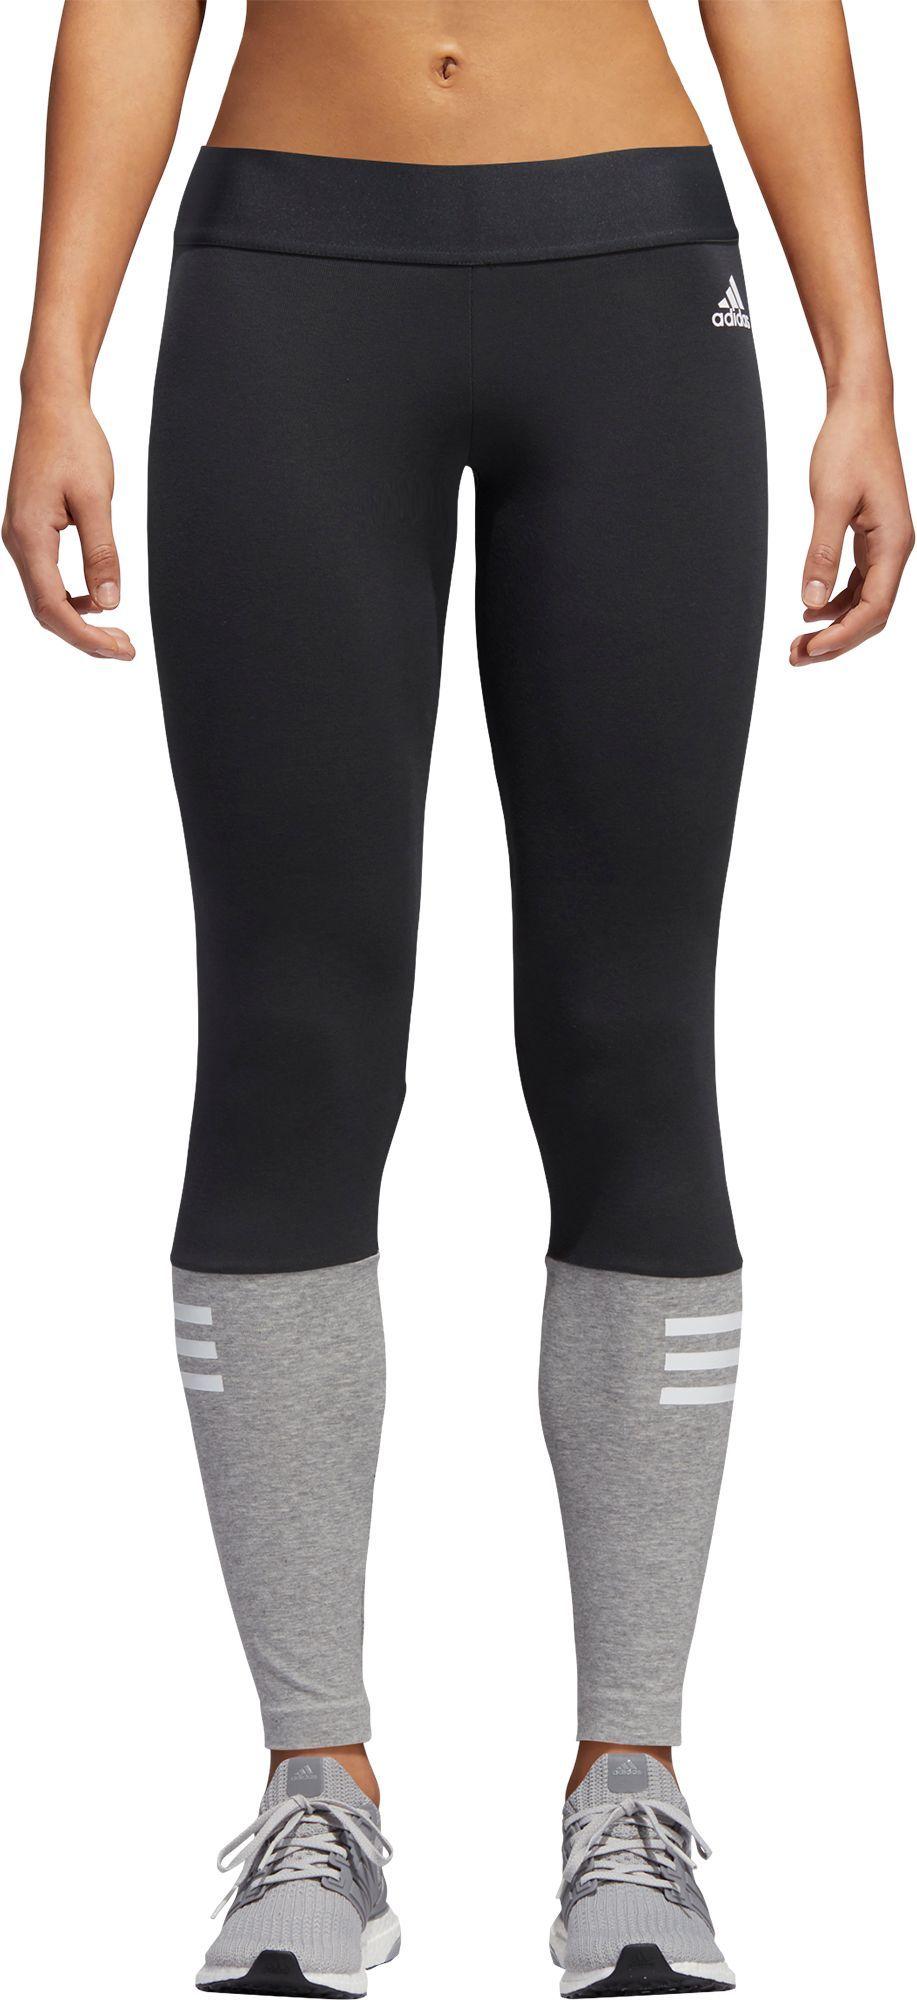 0b6b2954f071 adidas Women s Sport ID Training Tights